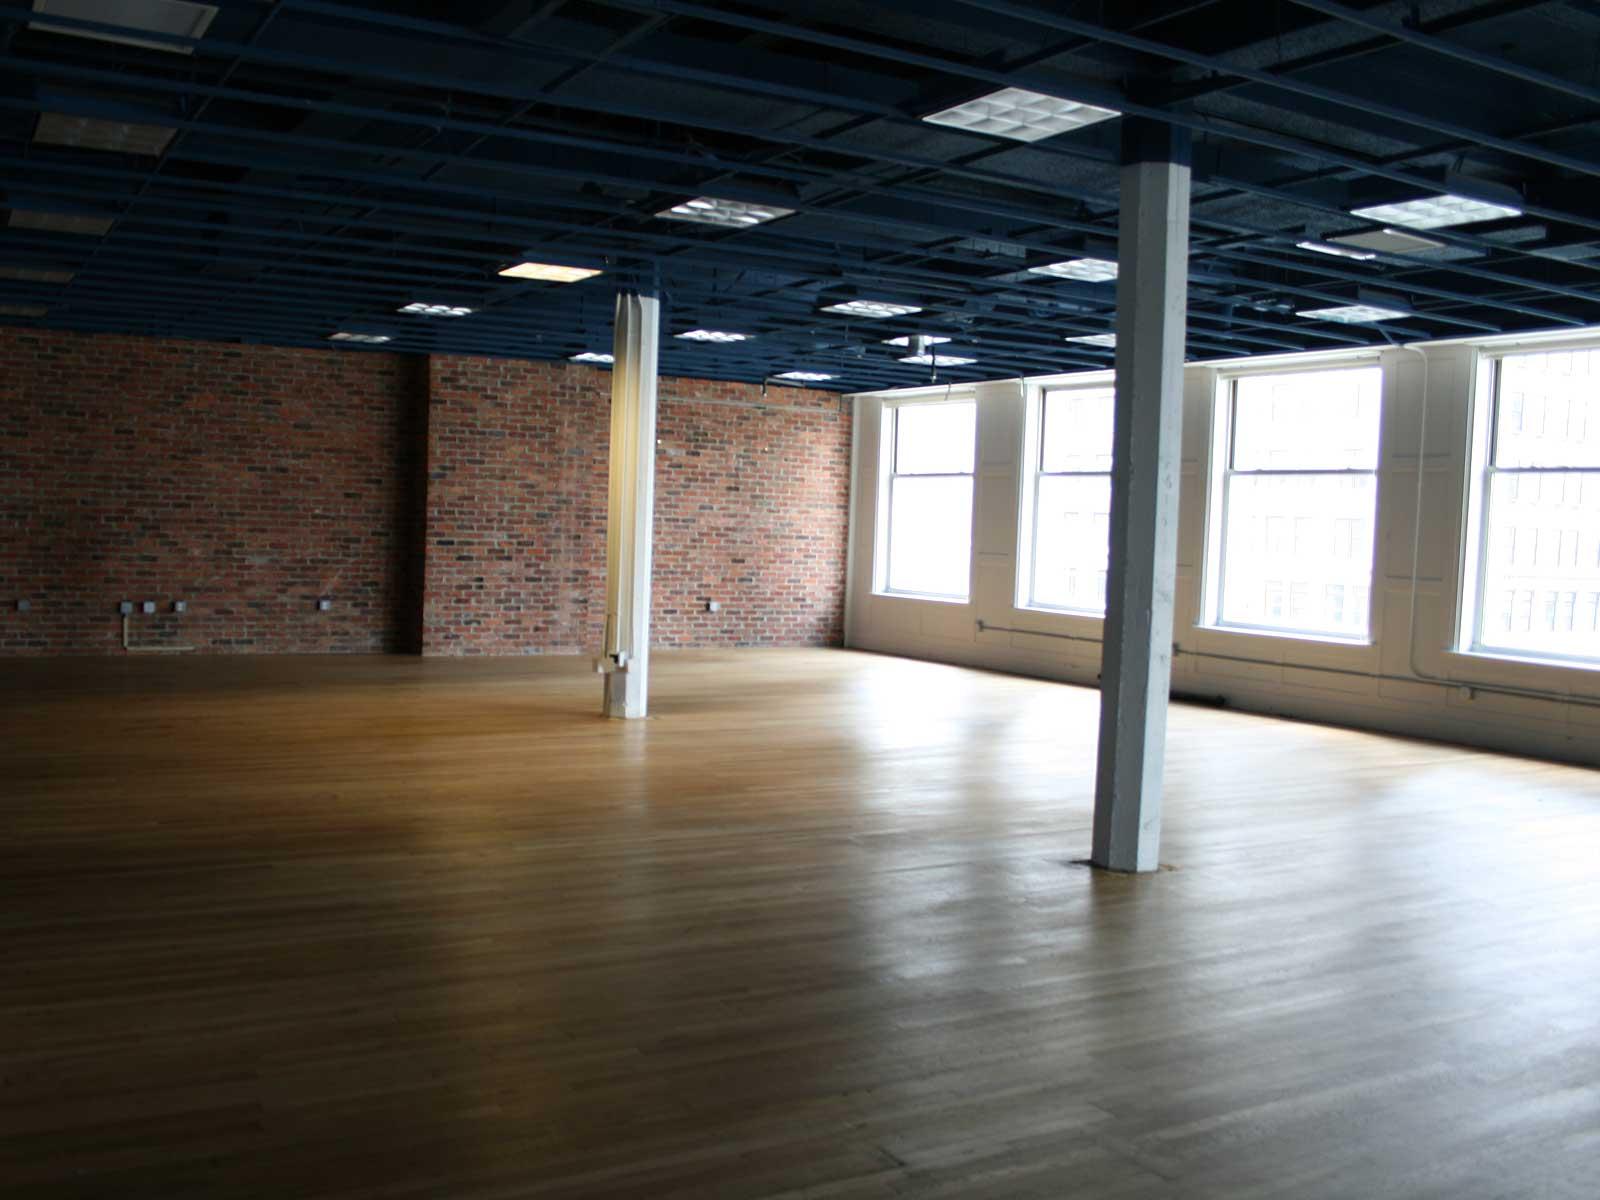 loft conversion company Wiltshire